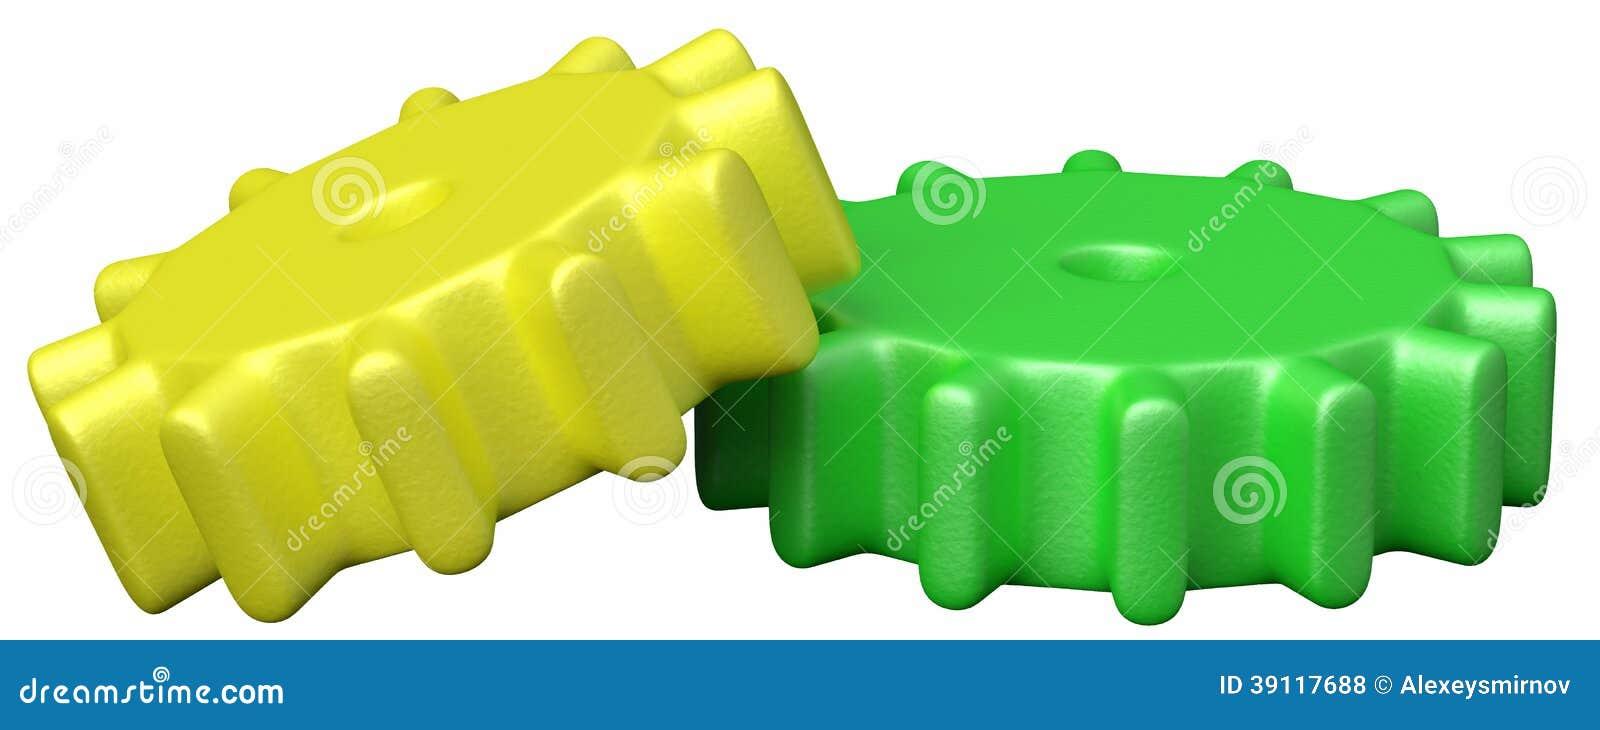 Twee plastic stuk speelgoed tandraderen